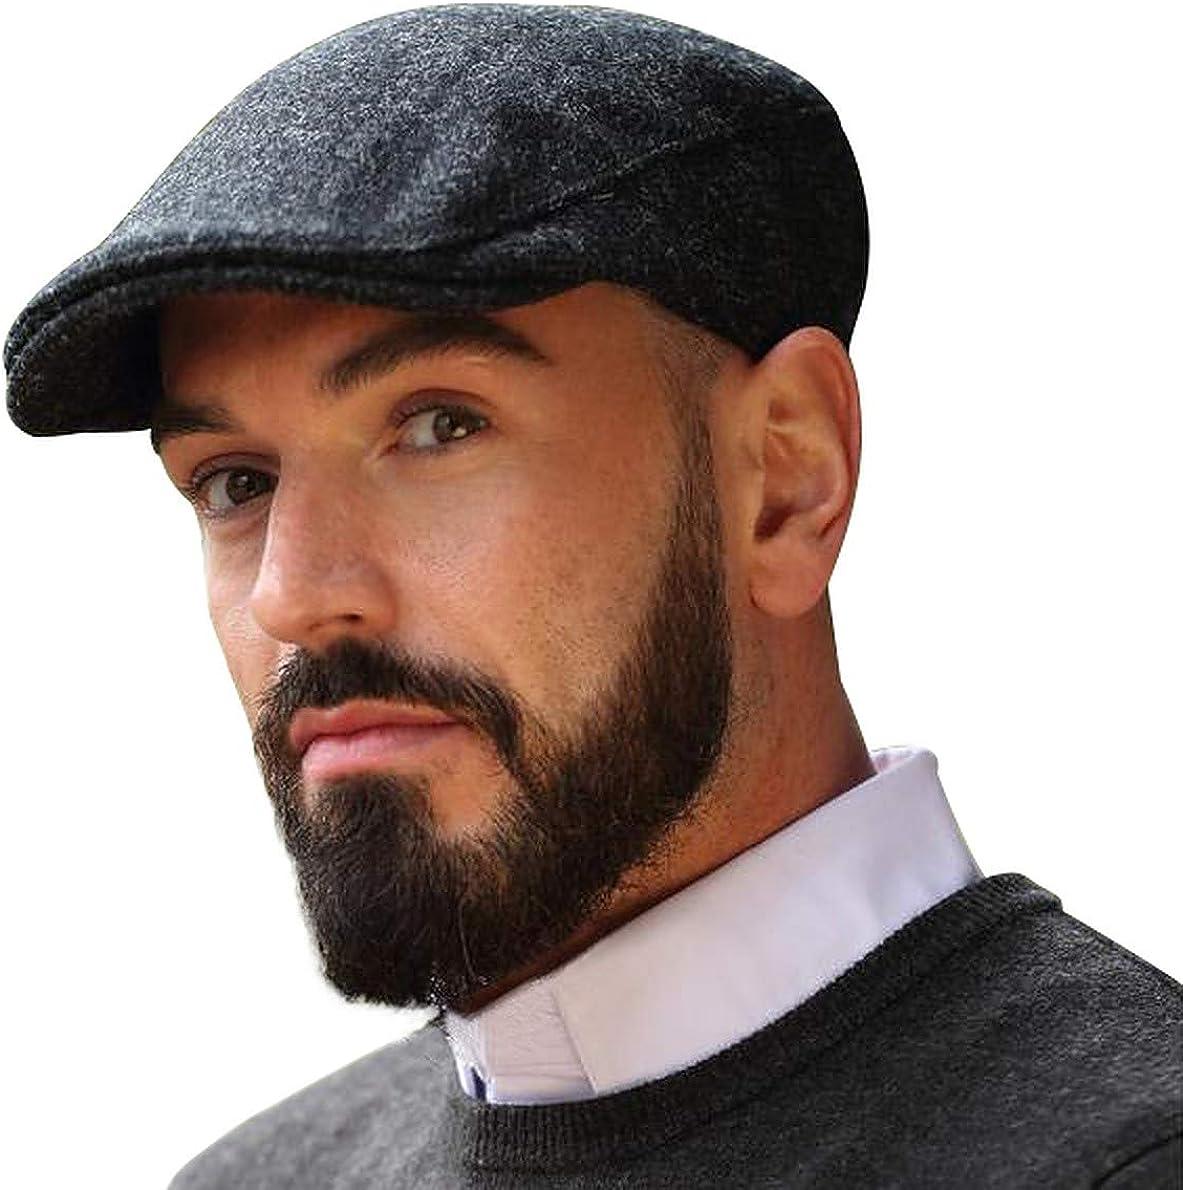 Irish Ivy Cap 100% Pure Wool Max 62% OFF Dark Ireland in Low price Gray Made